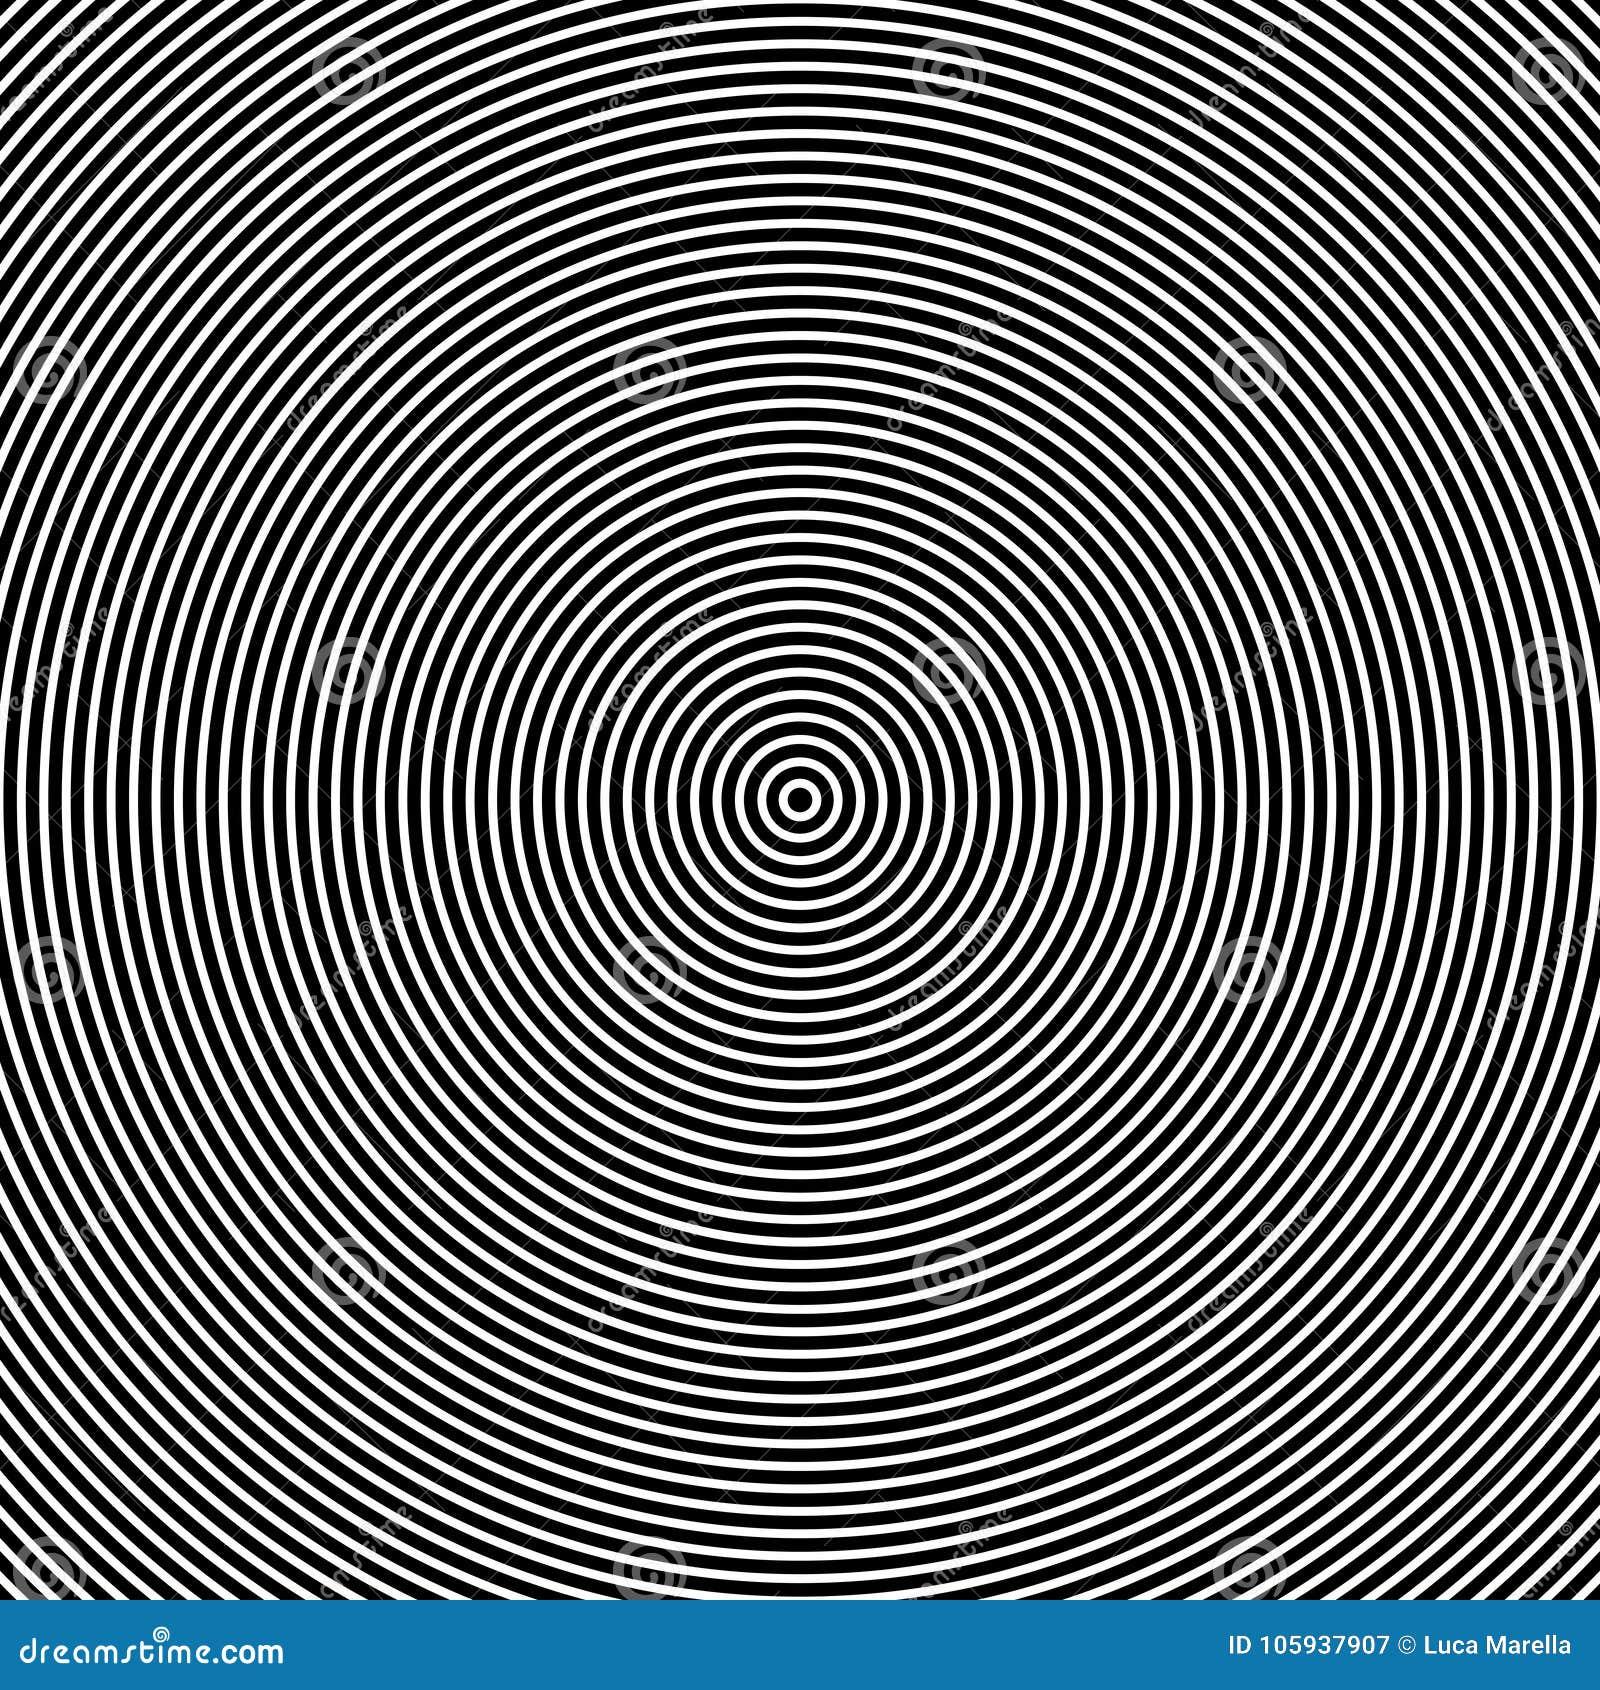 Effet optique de cercles concentriques